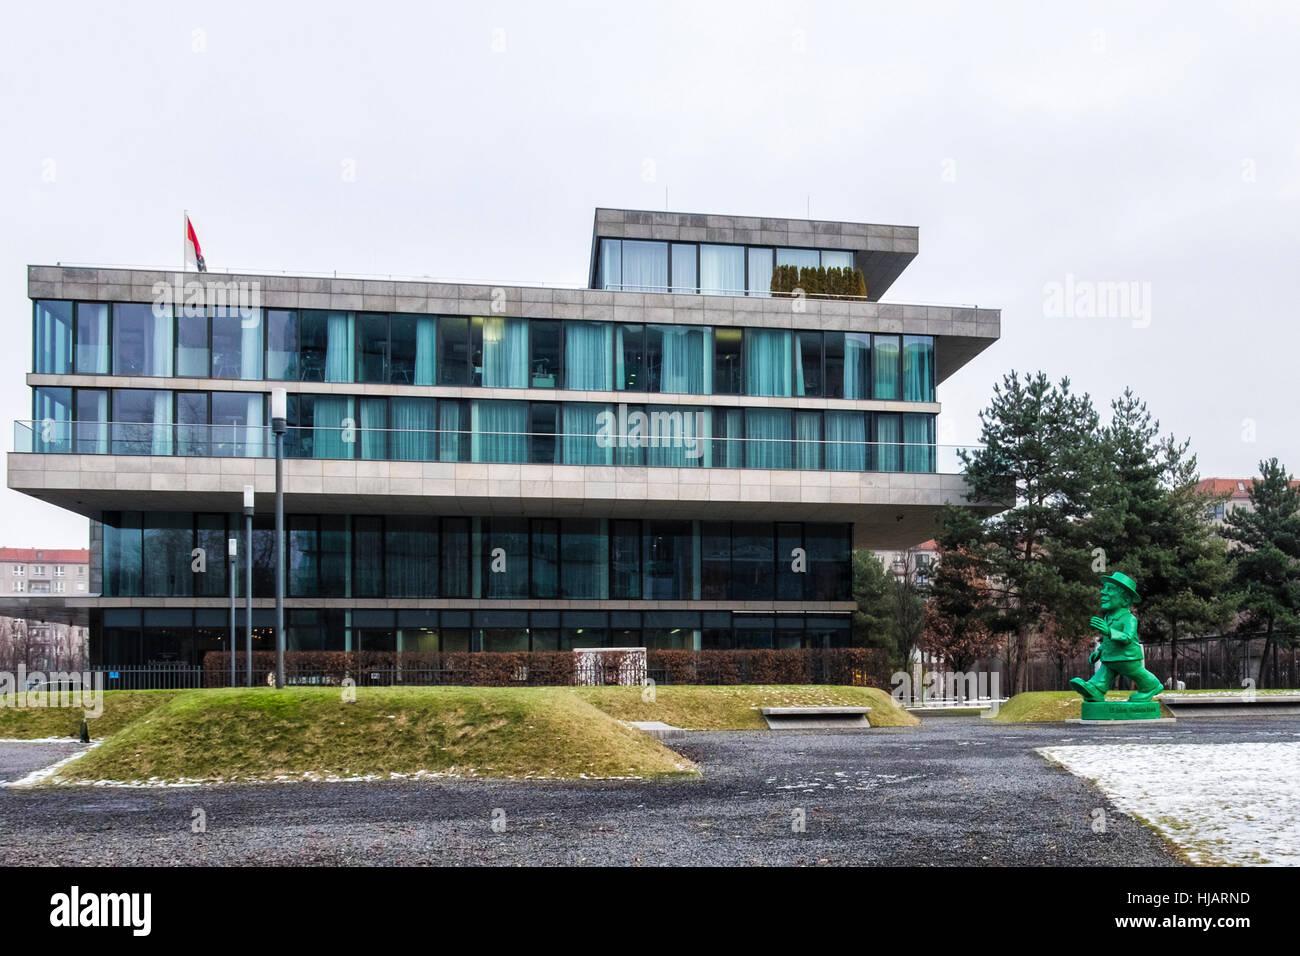 Berlín Mitte. La construcción del estado de Hesse, Hessissche Landesvertretung y escultura verde hombre celebrando Foto de stock